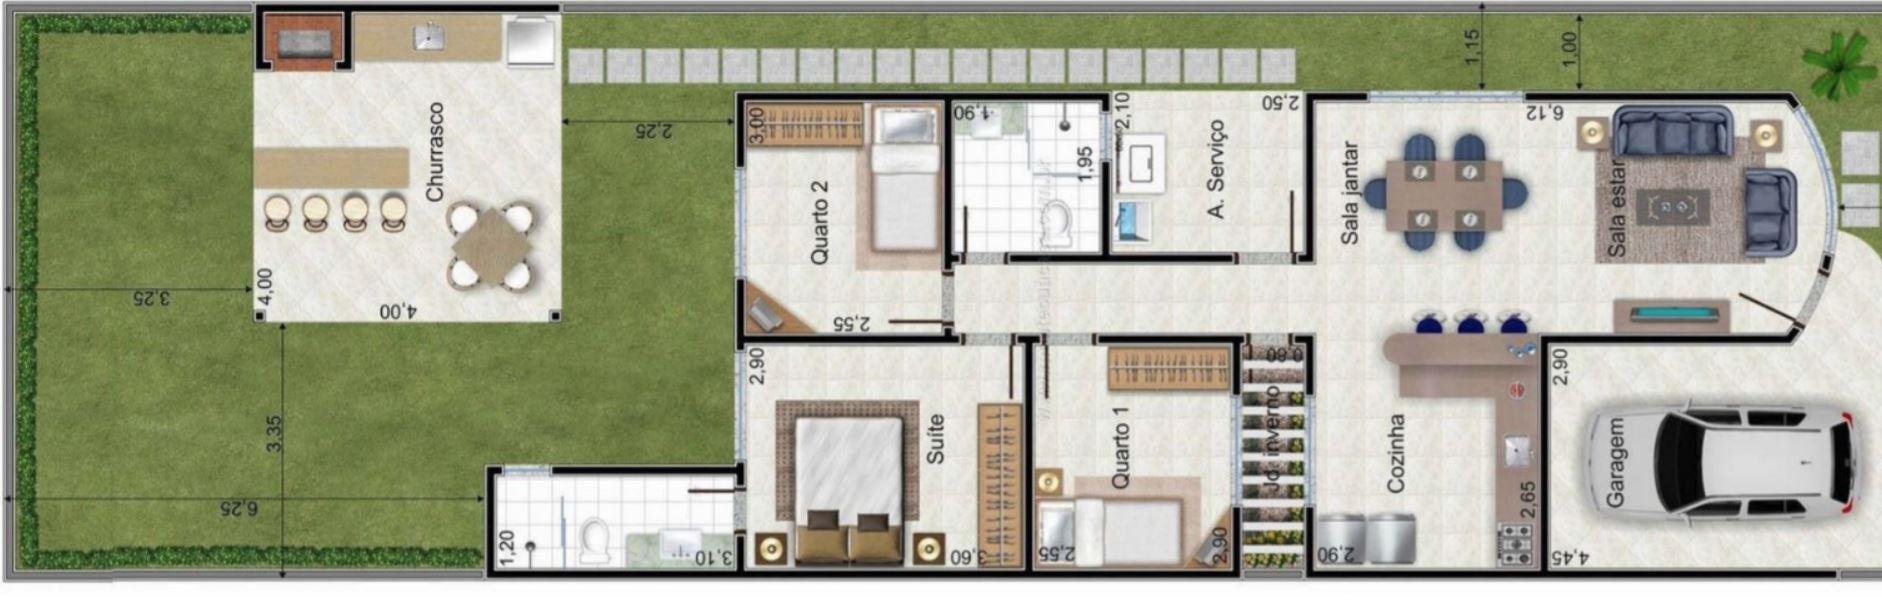 Planos y casas planos de casas plantas arquitect nicas for Construir una casa de una planta